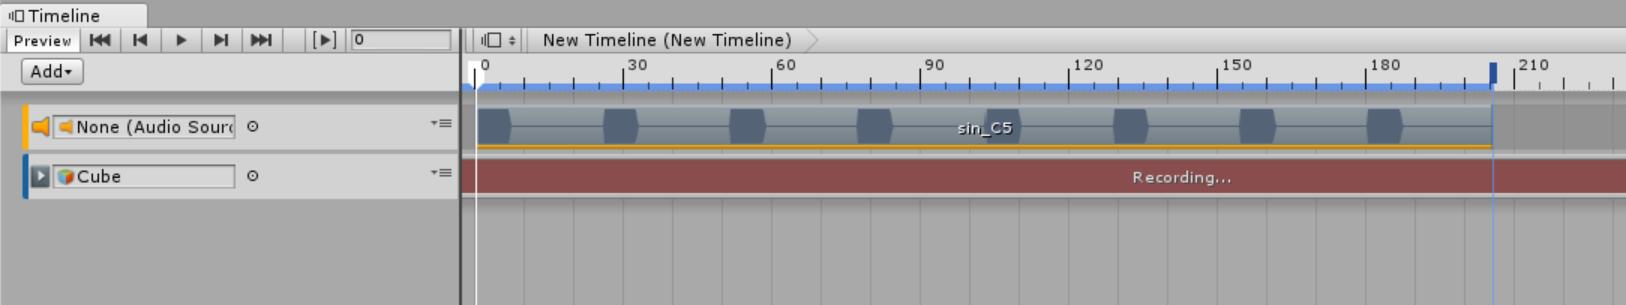 Recording状態のTimeline